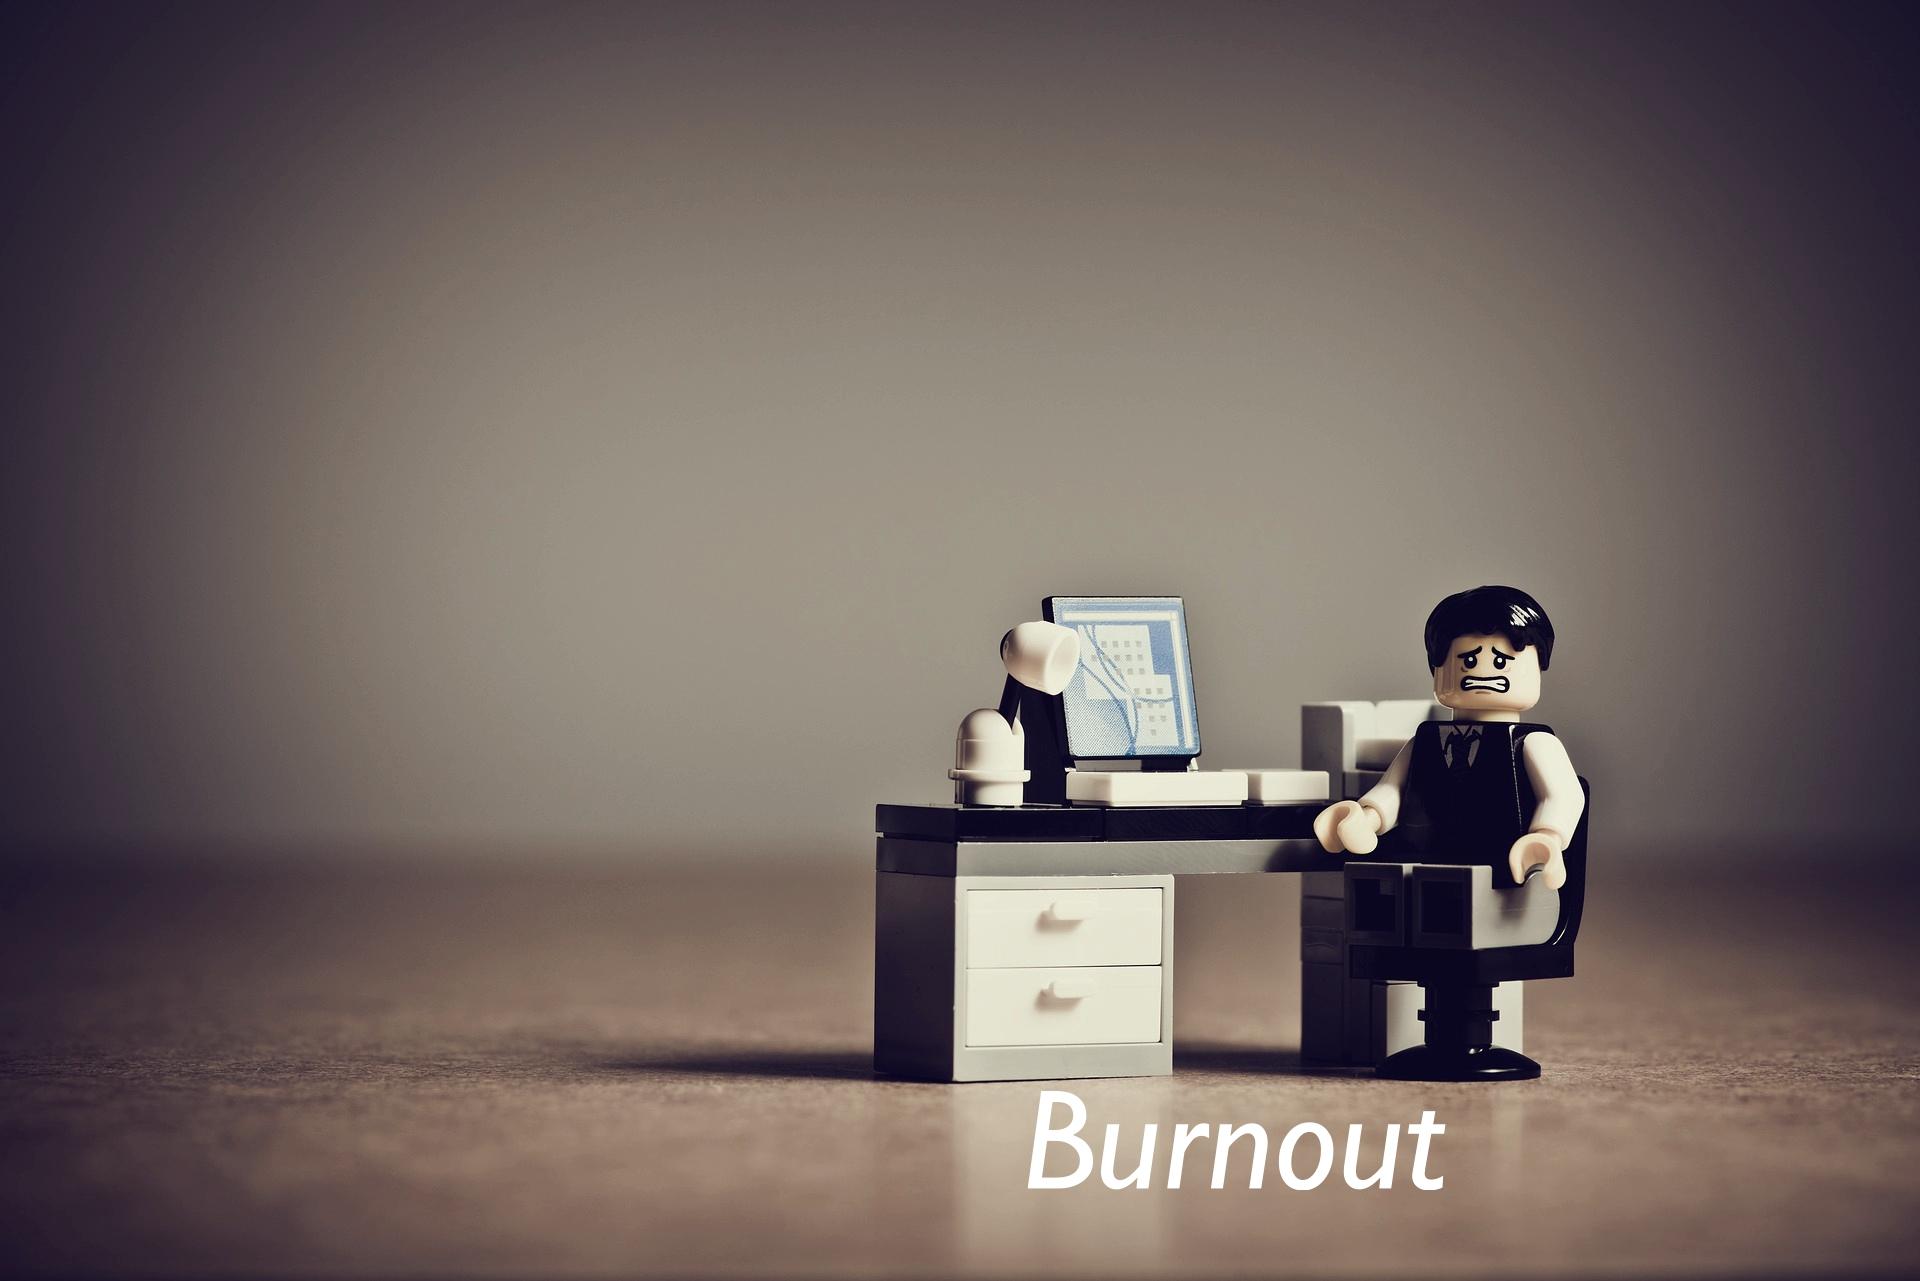 Burnout Arbeit Arbeitswelt Dhyan Manish